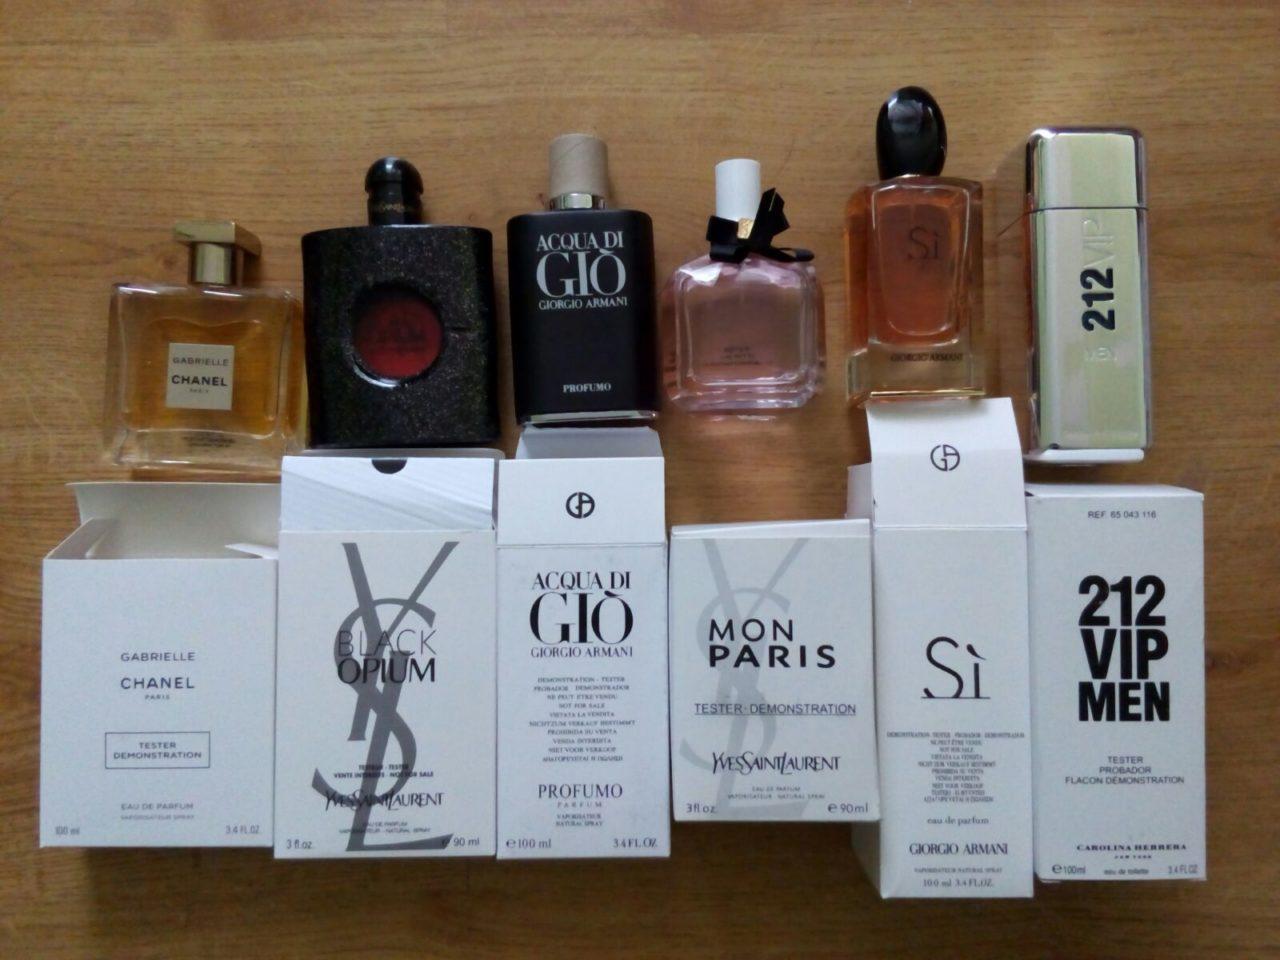 33ml 15euros Veuillez Pour Serais Contacter Parfums Interessee Am htsQrd